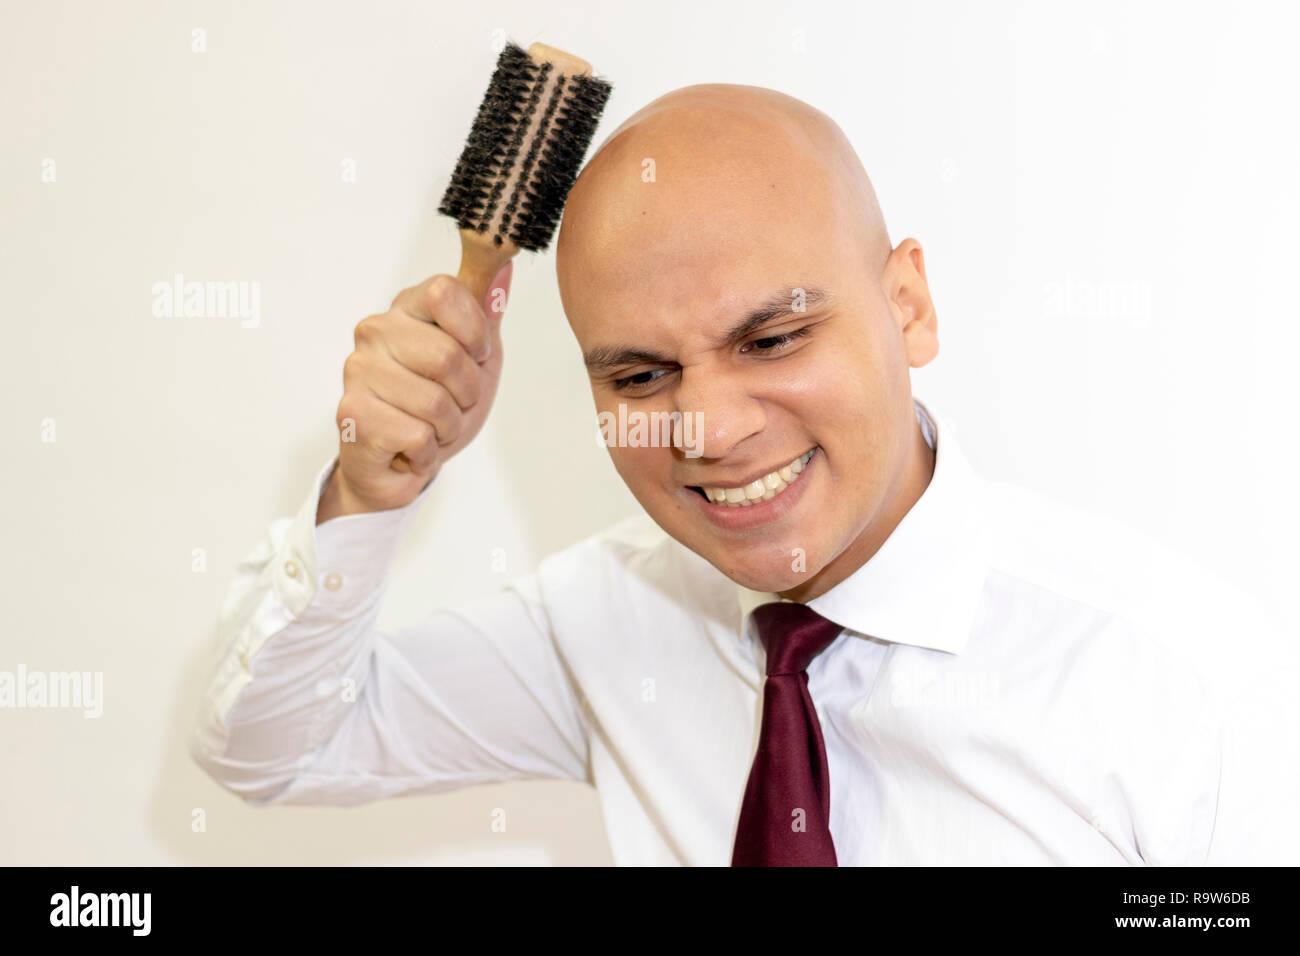 Uomo calvo pettinare i capelli Immagini Stock